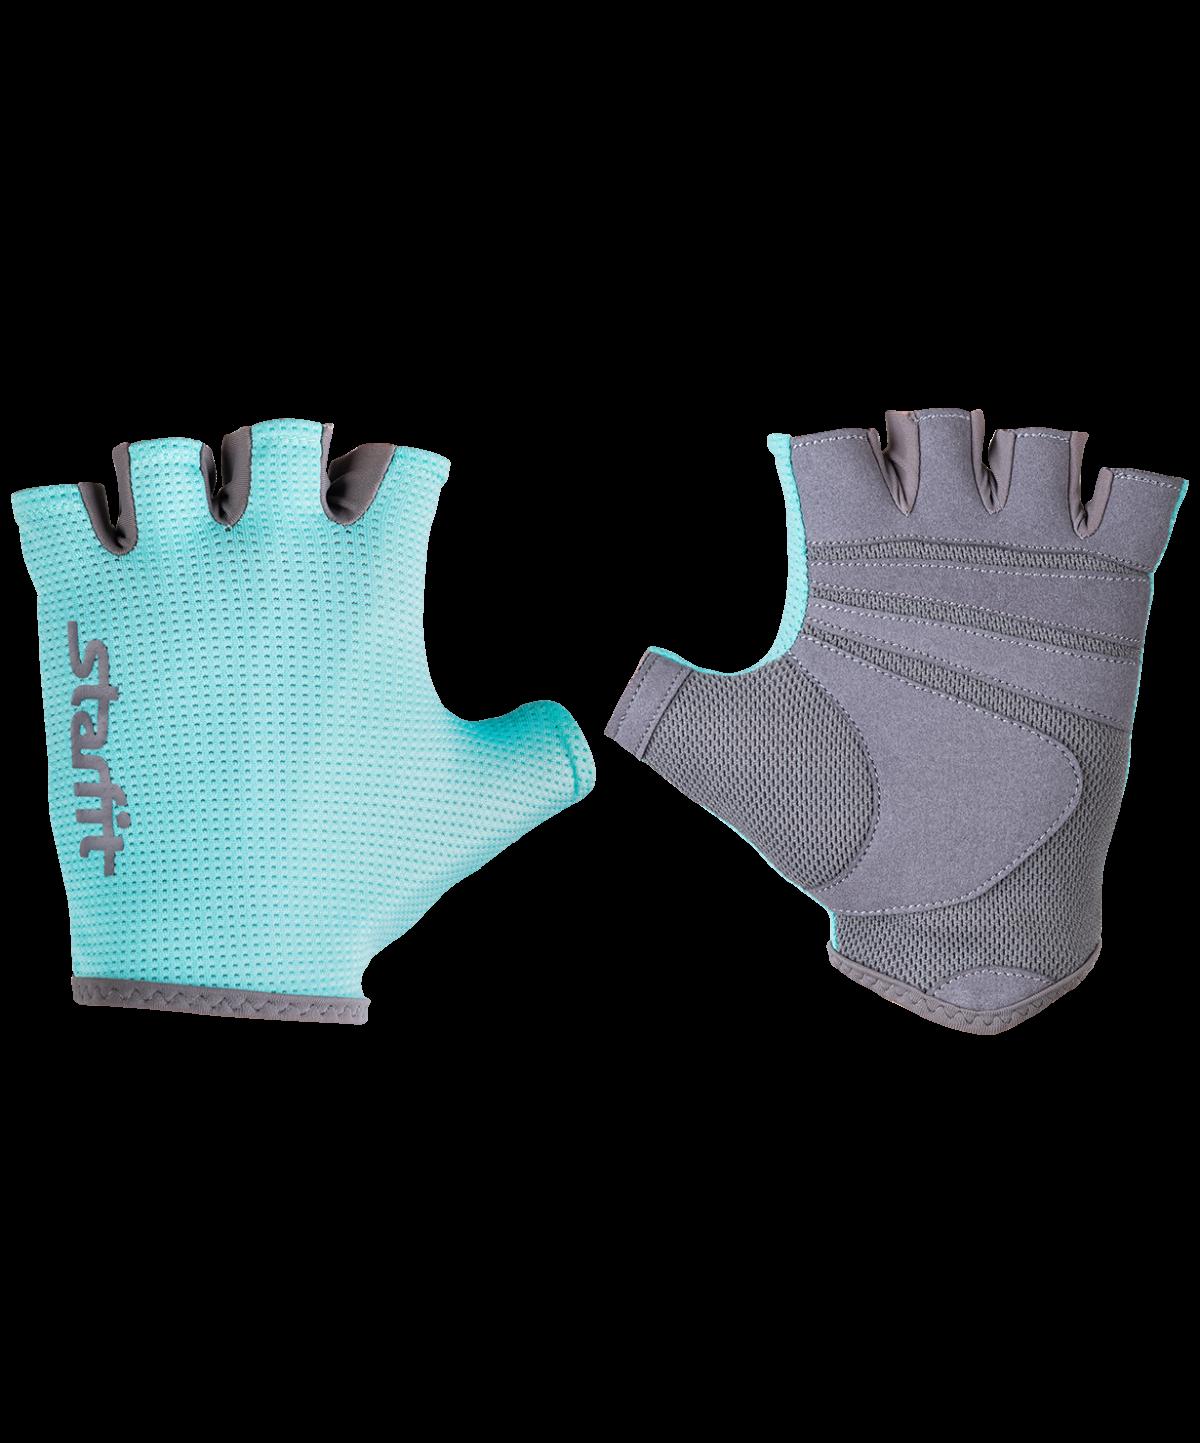 STARFIT Перчатки для фитнеса SU-127 : мятный/серый - 1